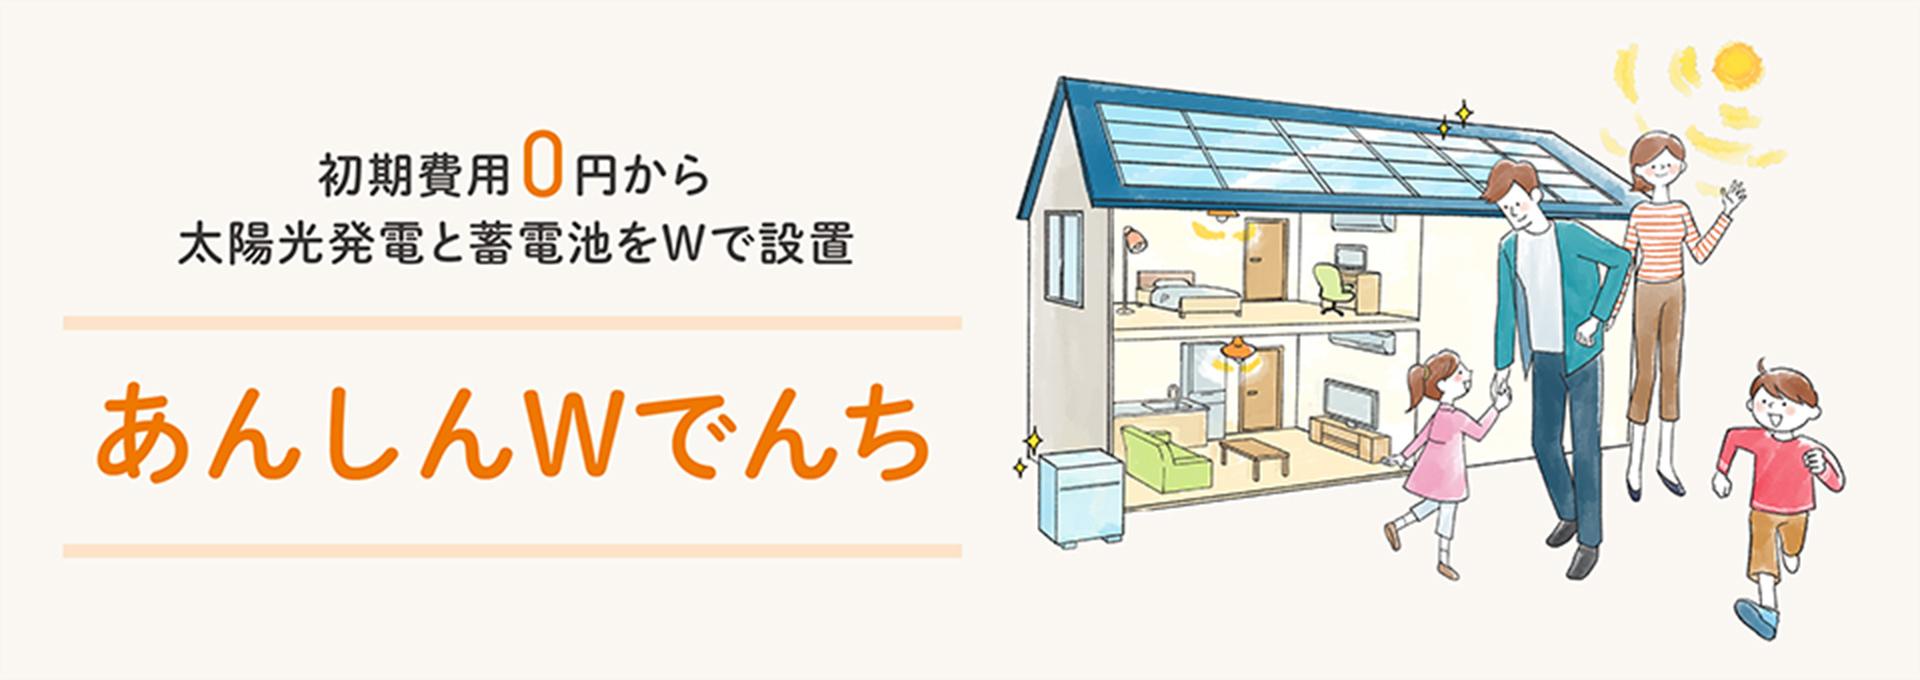 あんしんWでんち 東京ガス株式会社